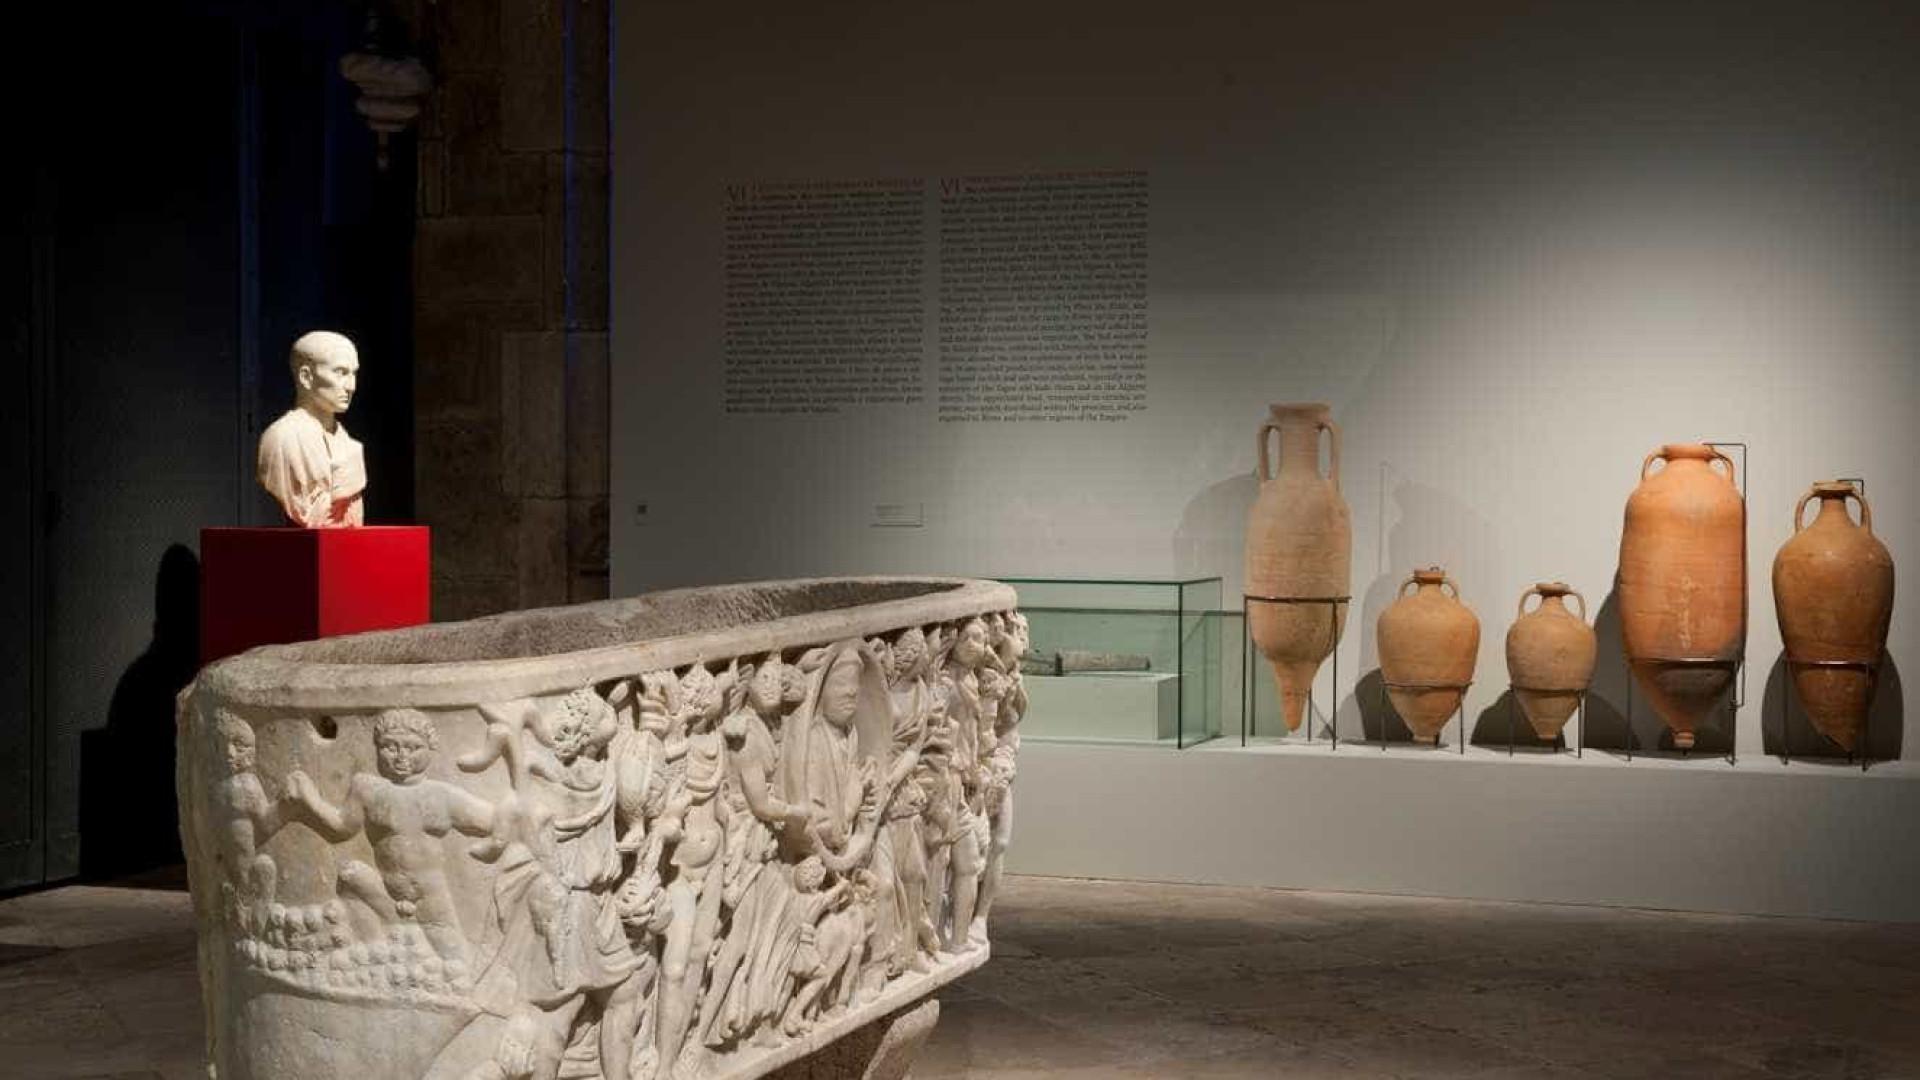 """Exposição mostra peças usadas em escravos """"dolorosas de se ver"""""""